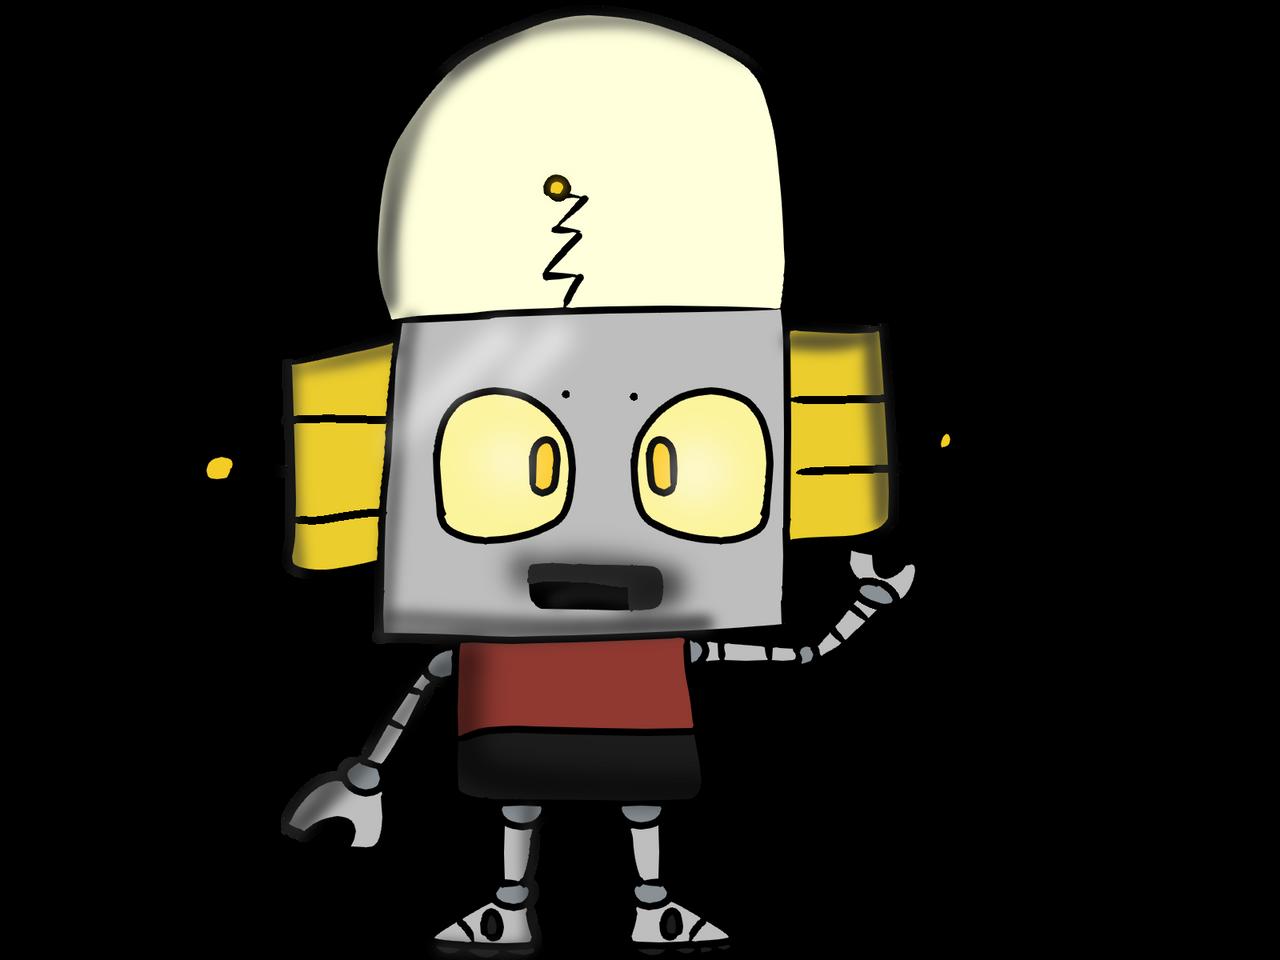 Jones deviantart robot Logan's Adventures